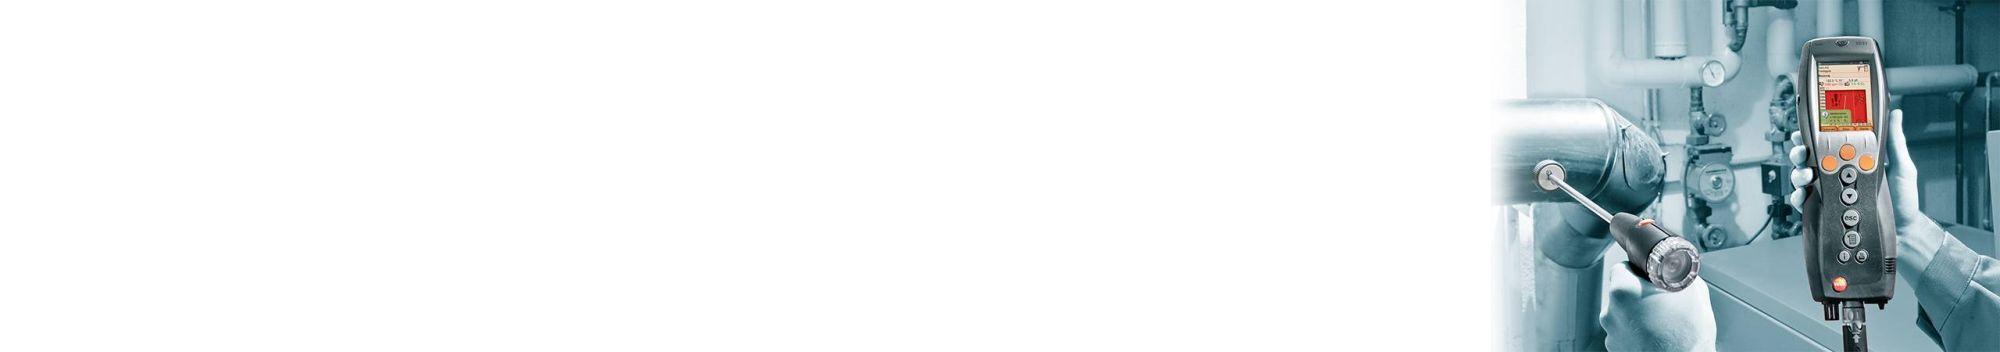 """燃焼排ガス分析計<br />レンタルサービス開始<br type=""""_moz"""" />"""